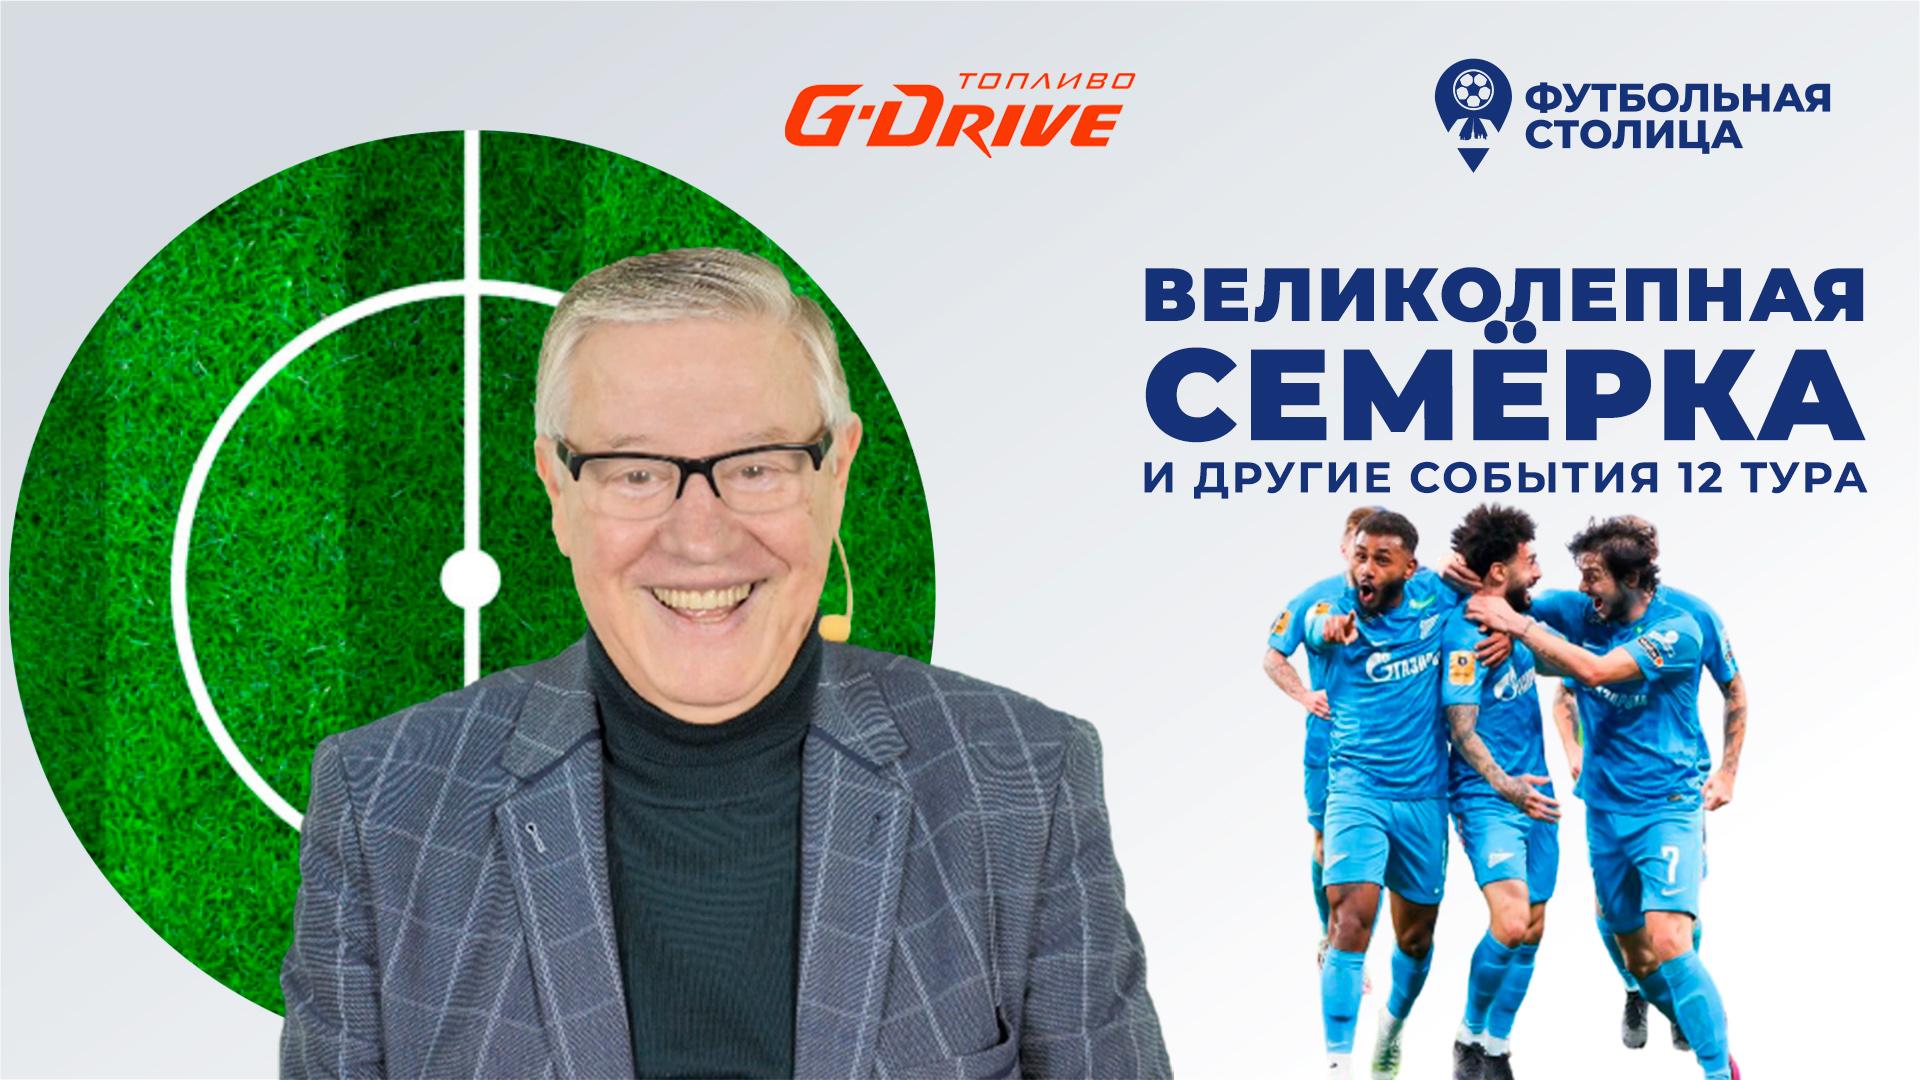 Геннадий Орлов-«Футбольная столица» с Геннадием Орловы-27.10